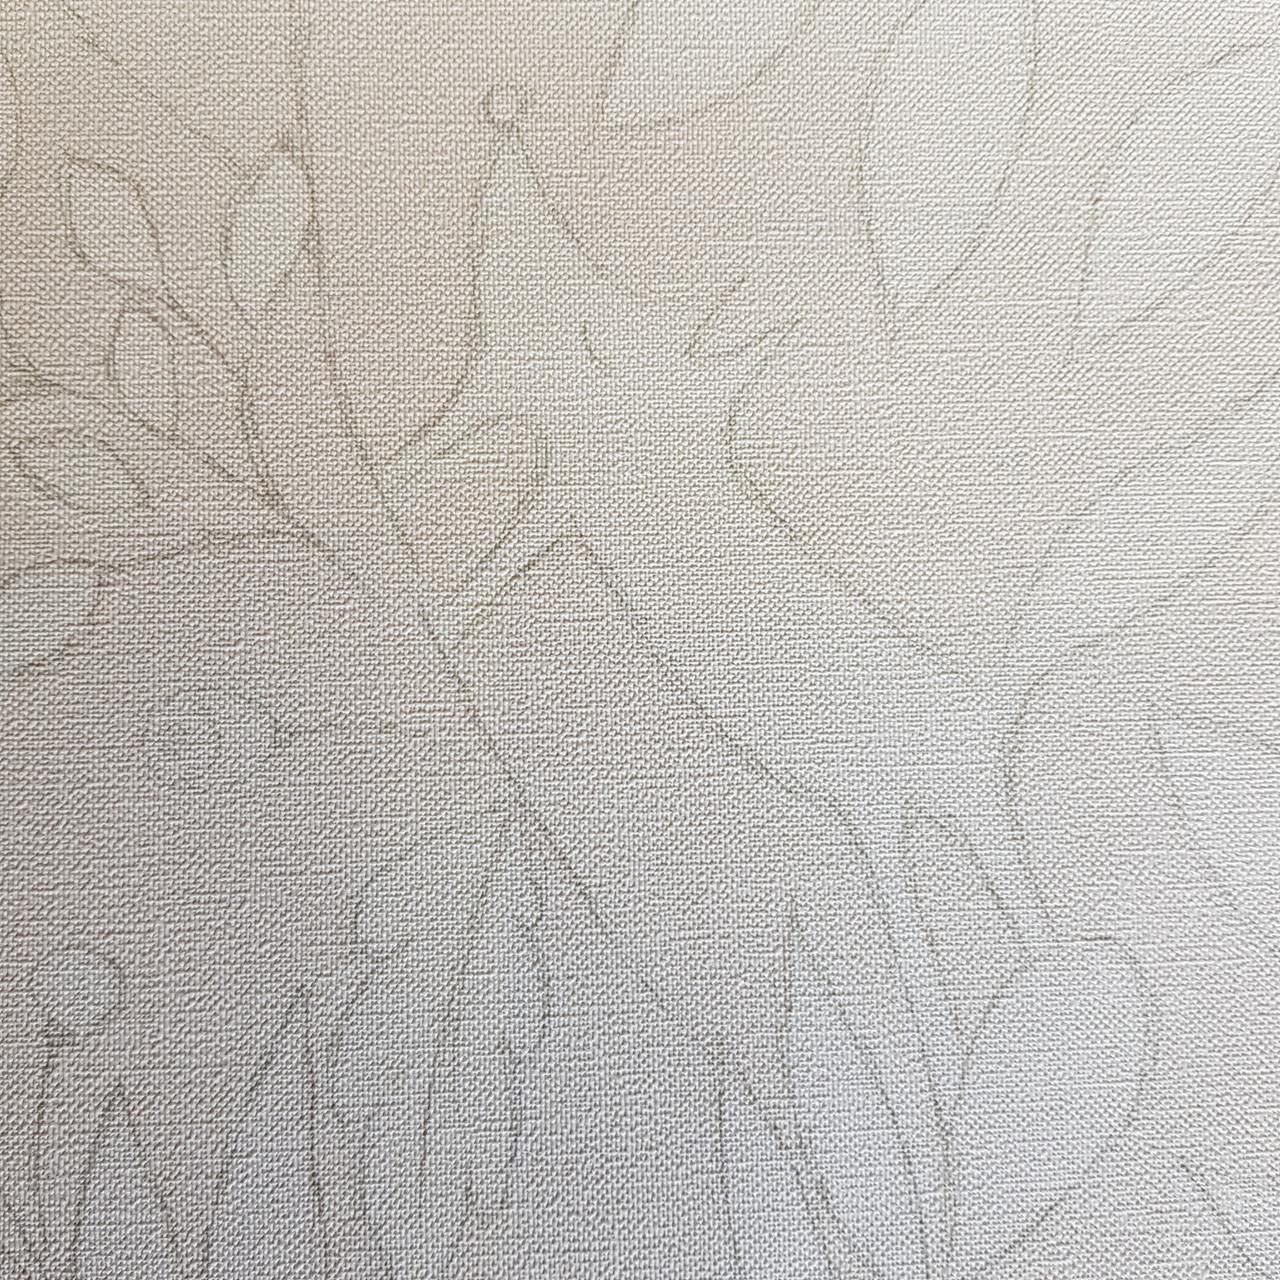 Флізелінові шпалери дитячі BN Doodleedo 0,53 х 10 м тварини олені зайці квіти білі на світло-бежевому